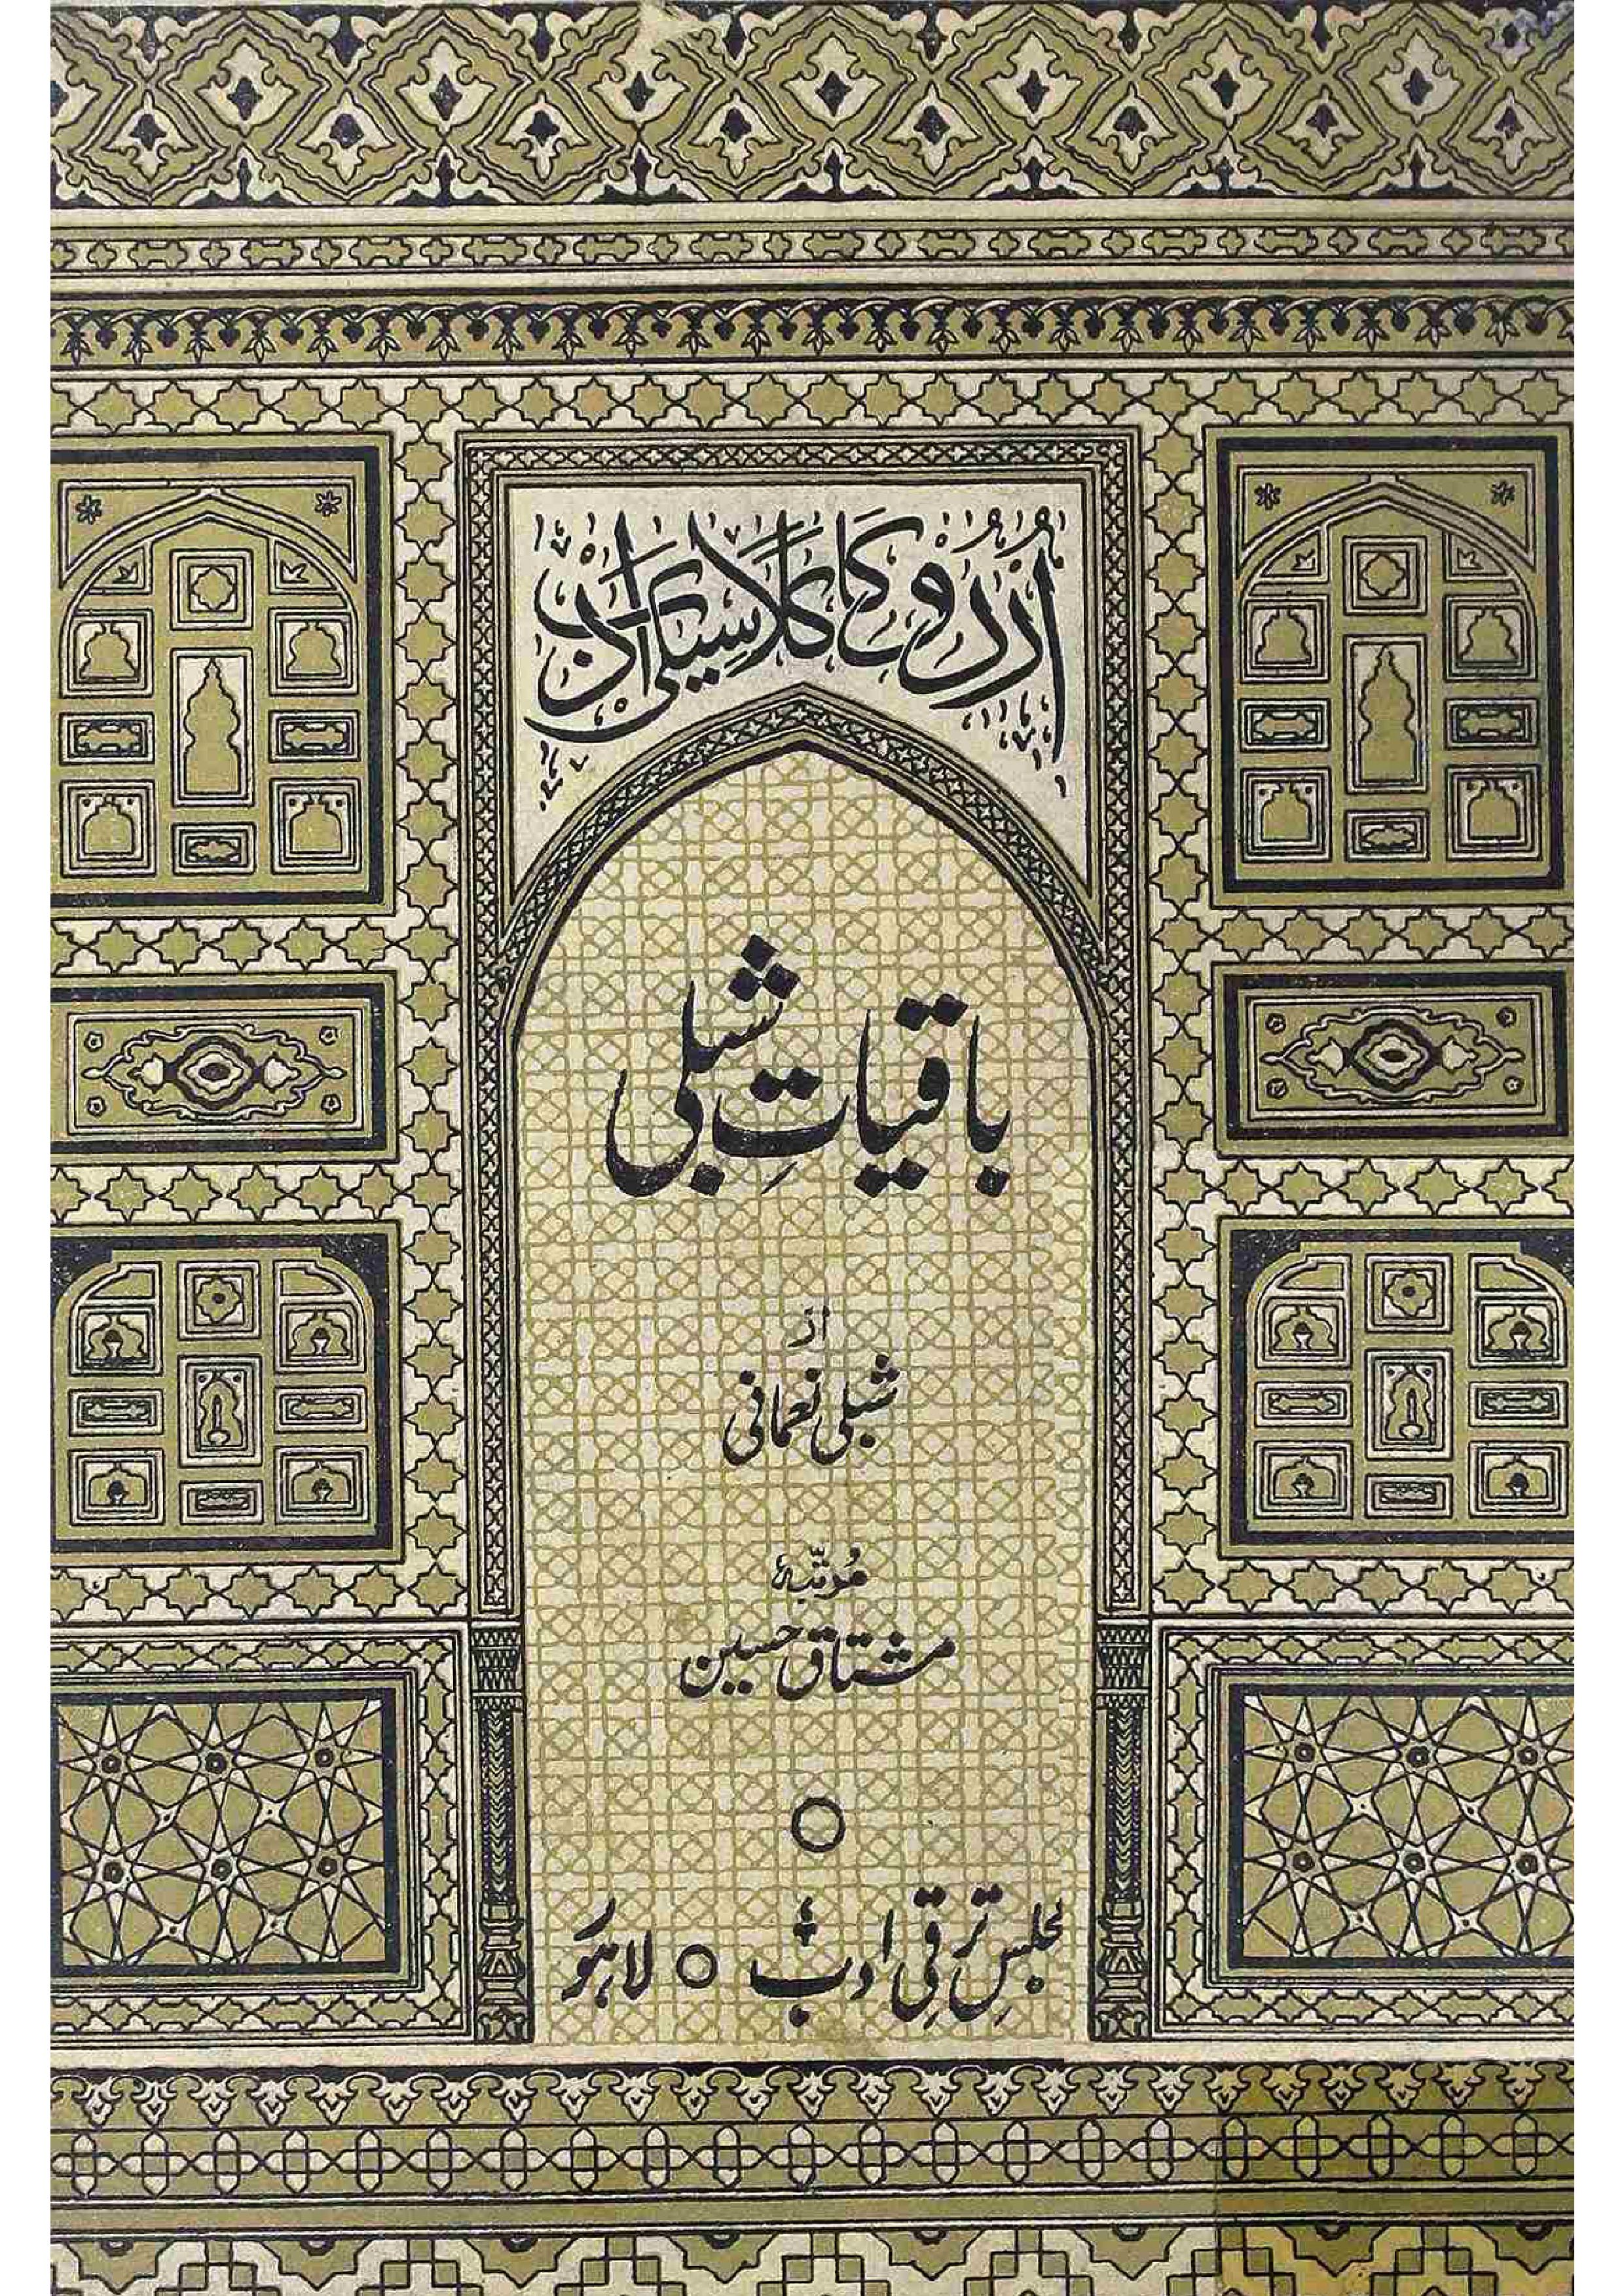 Baqiyaat-e-Shibli